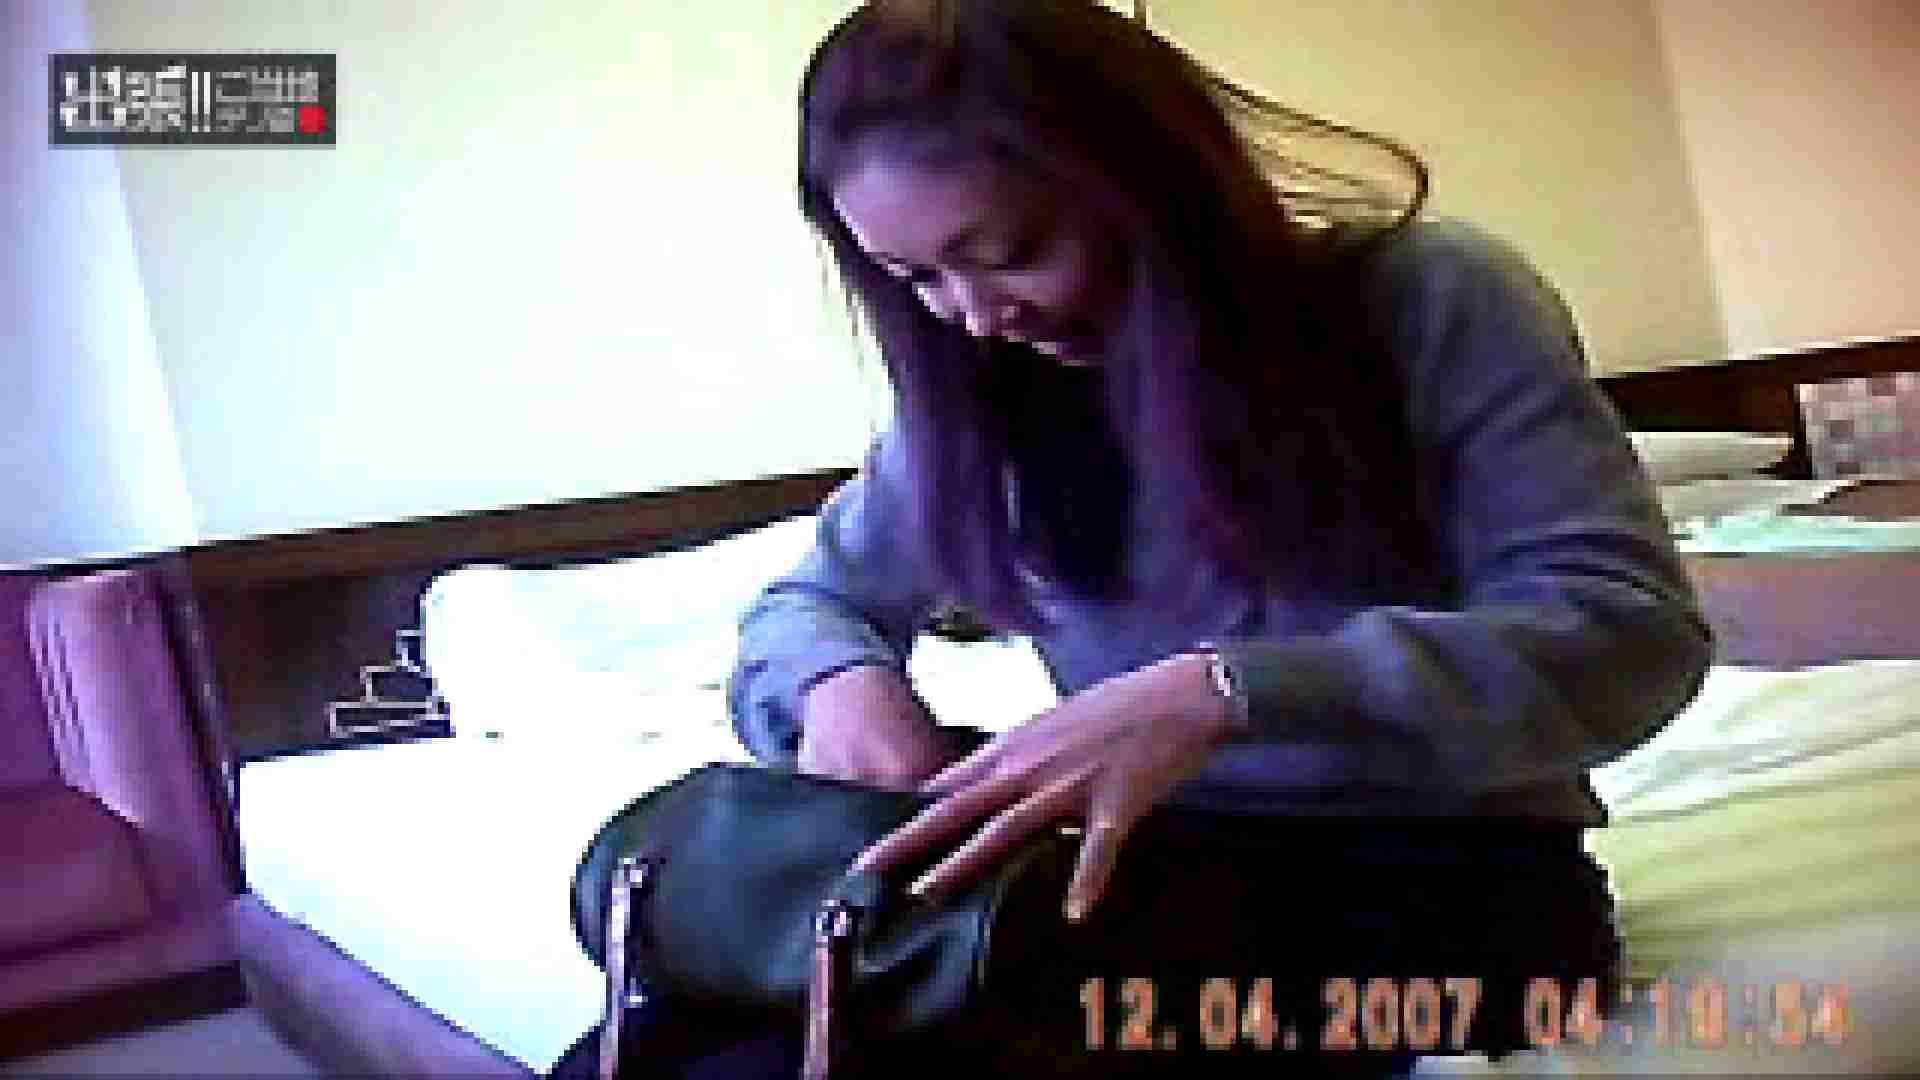 出張リーマンのデリ嬢隠し撮り第2弾vol.3 ギャル達のセックス | チラ  82画像 26